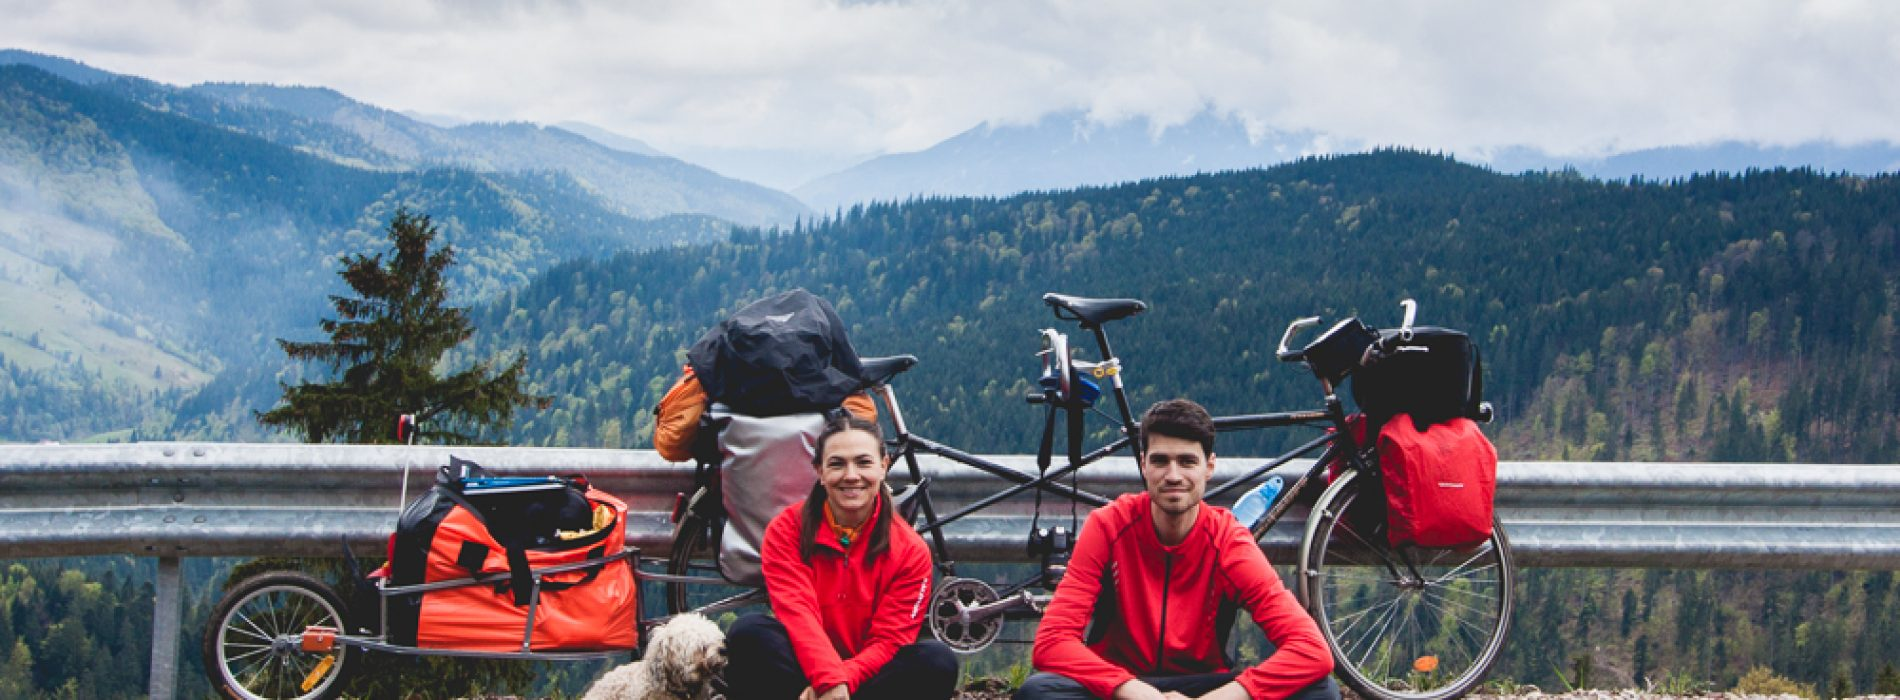 Un tandem, o țară,  trei călători: Laura, Andrei și cățelul Tic